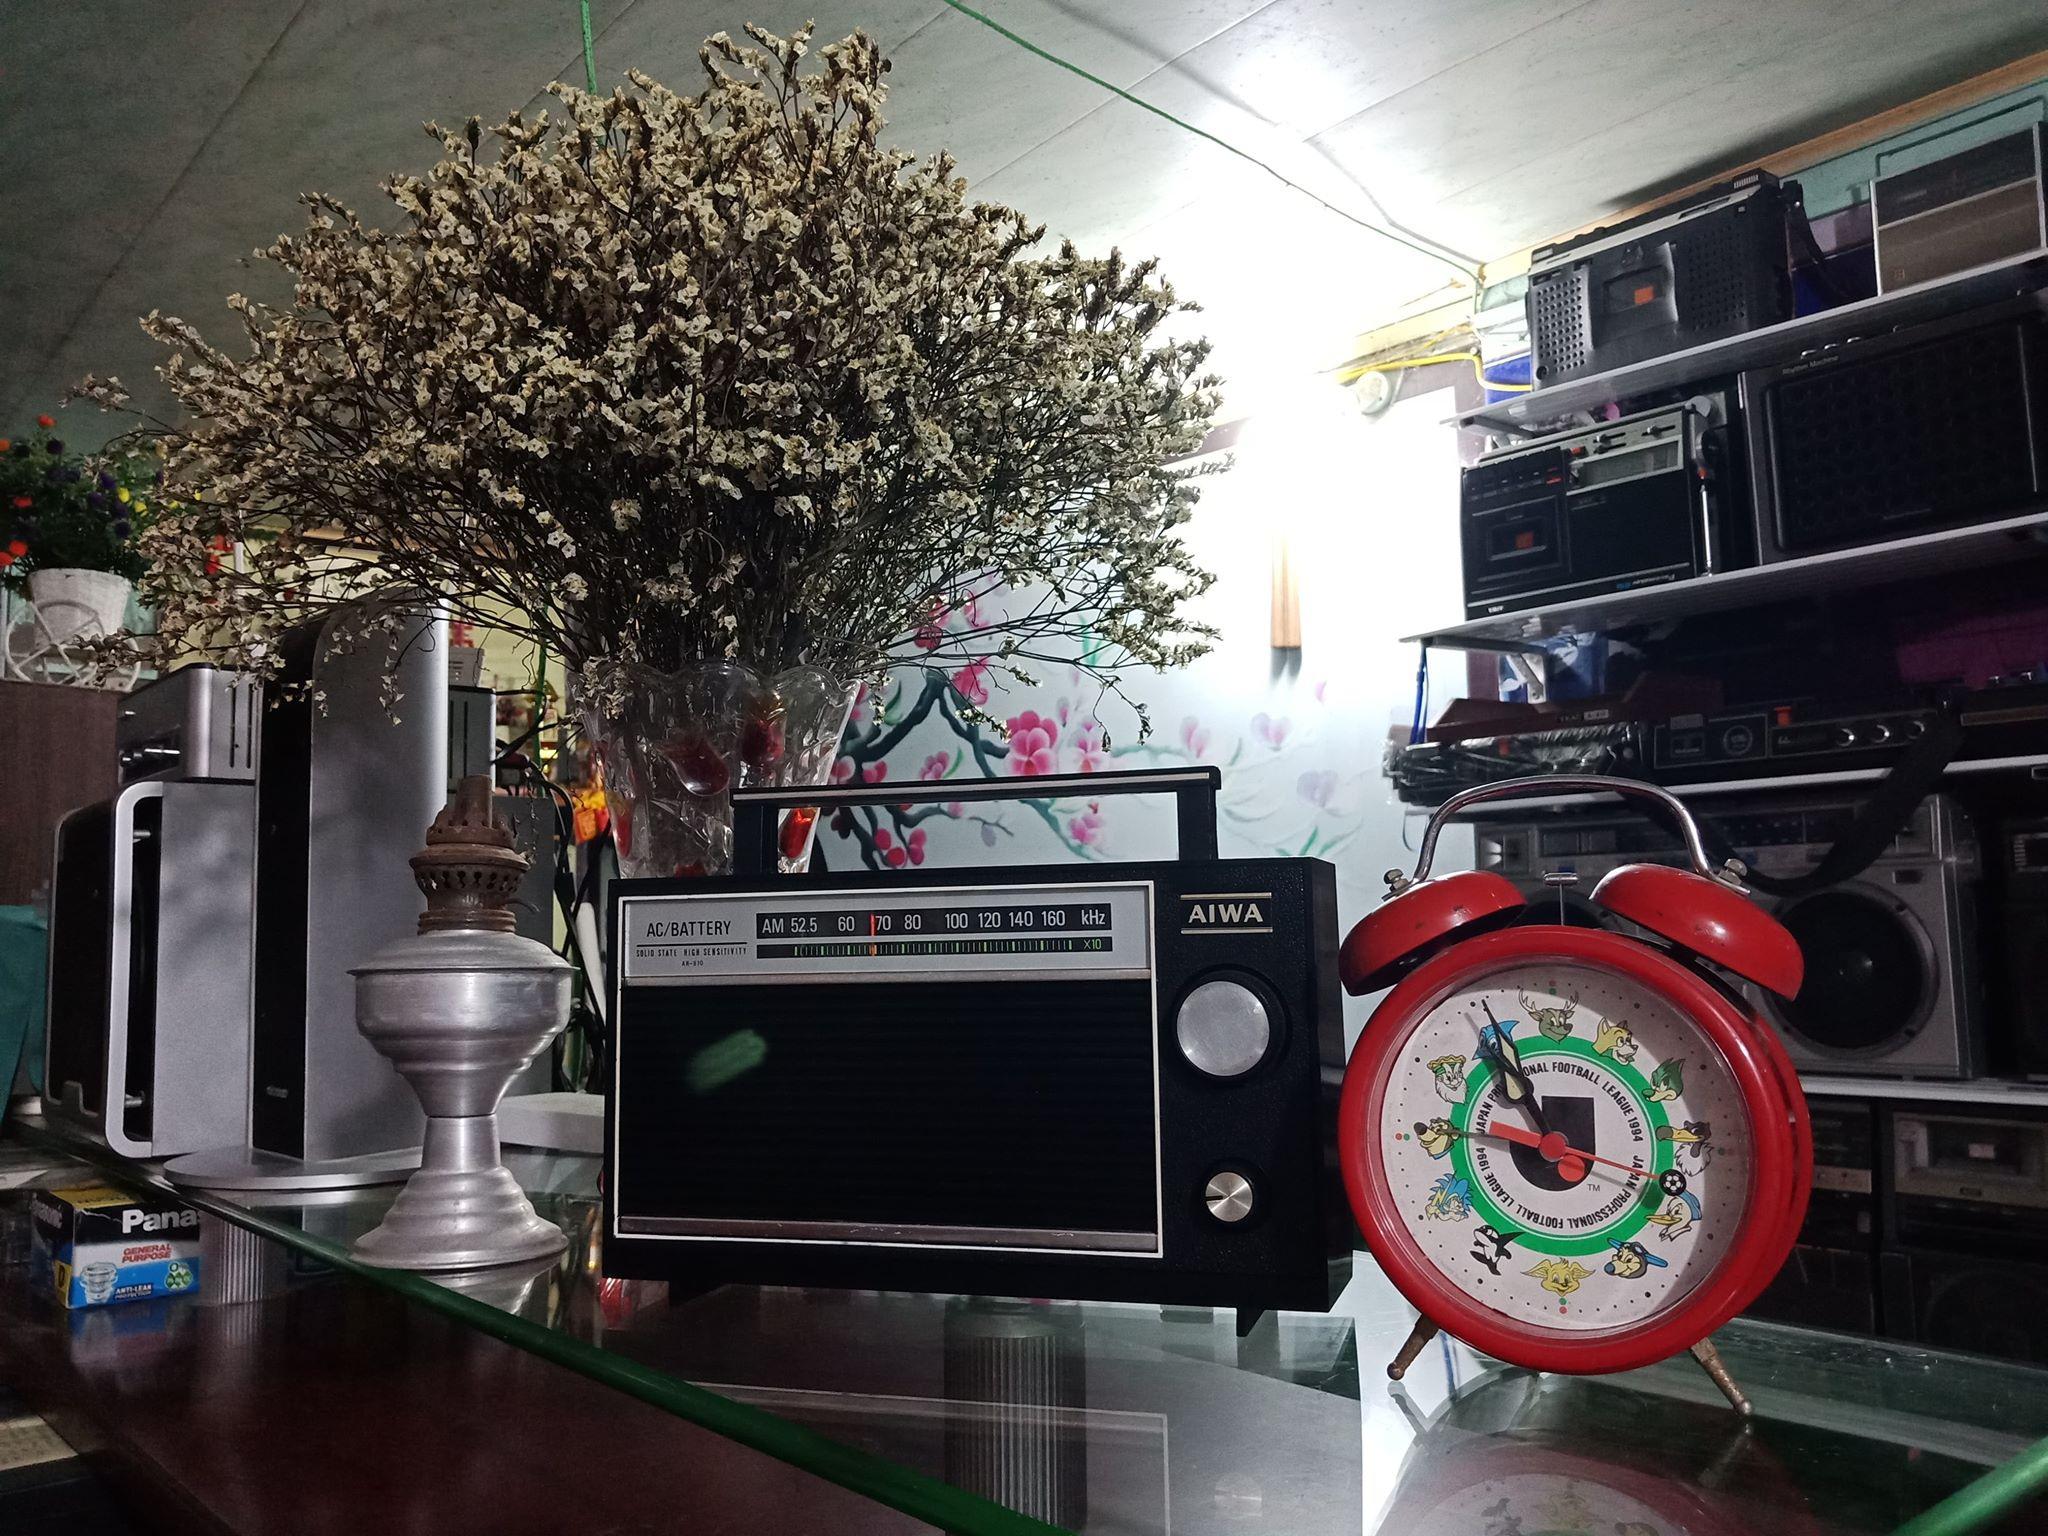 Bộ sưu tập cassette cũ trị giá gần 300 triệu đồng của tay chơi Hà Nam - 1